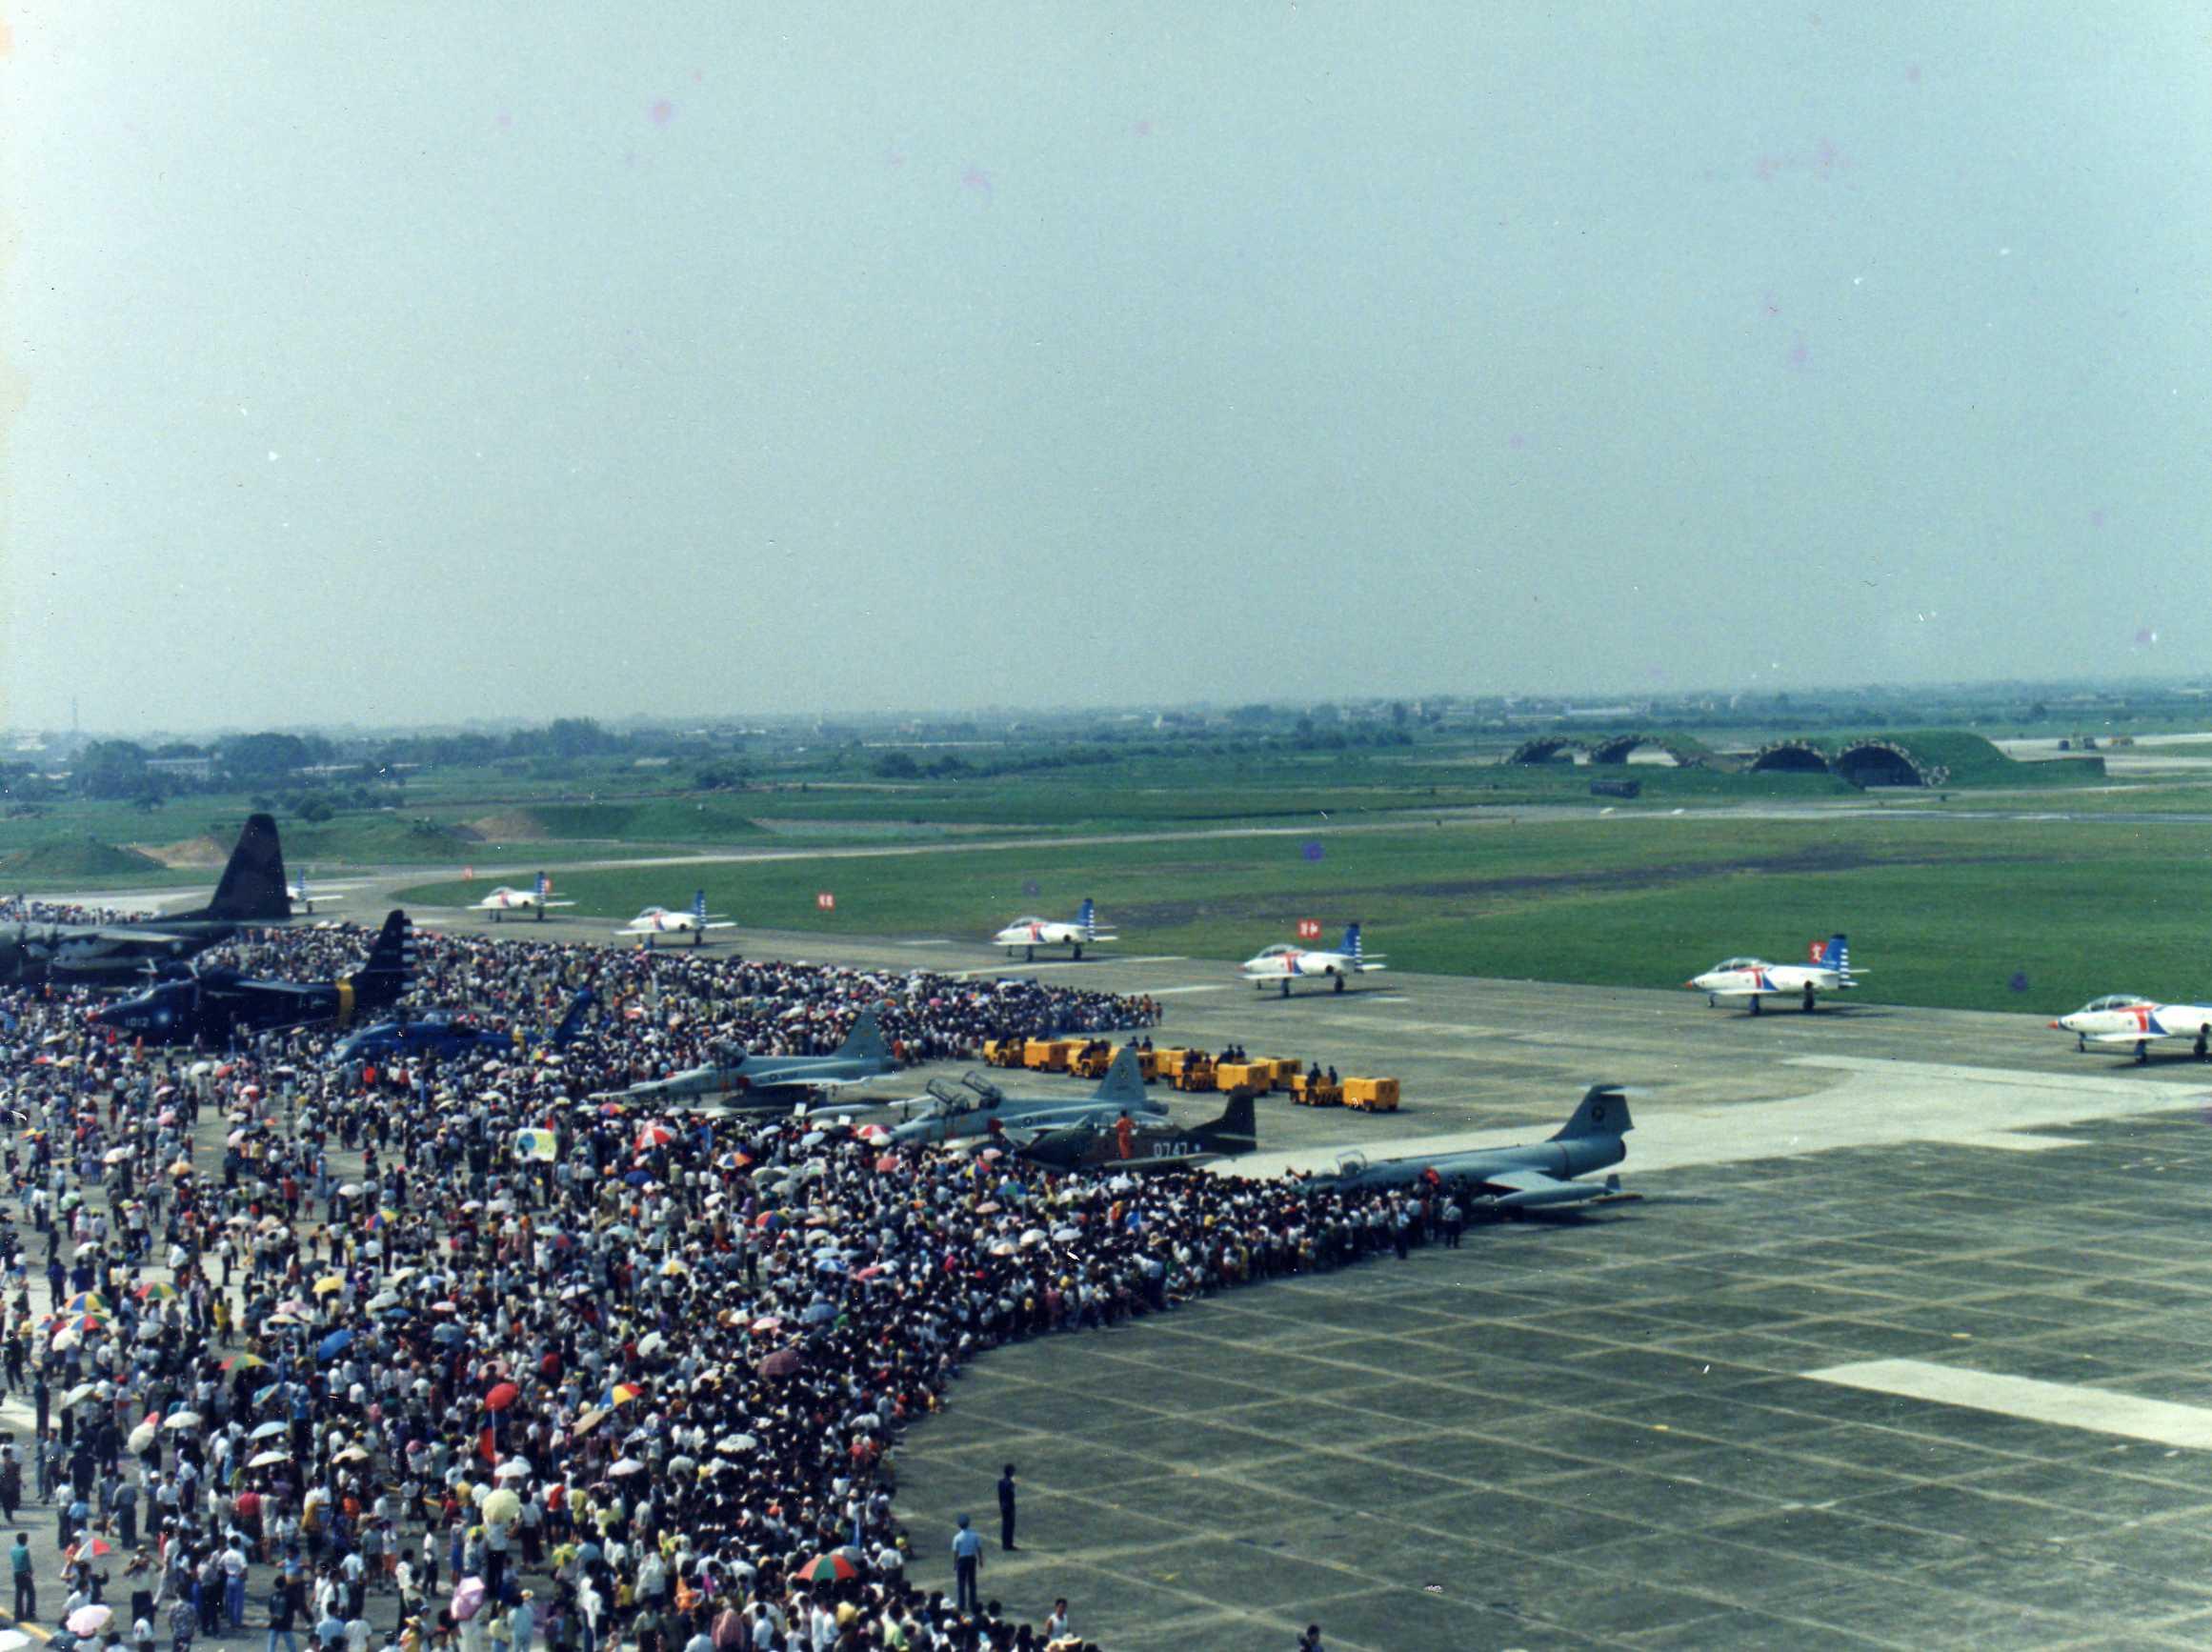 民國81年9月17日 嘉義基地營區開放特技表演現場盛況。(圖:國防部空軍司令部)